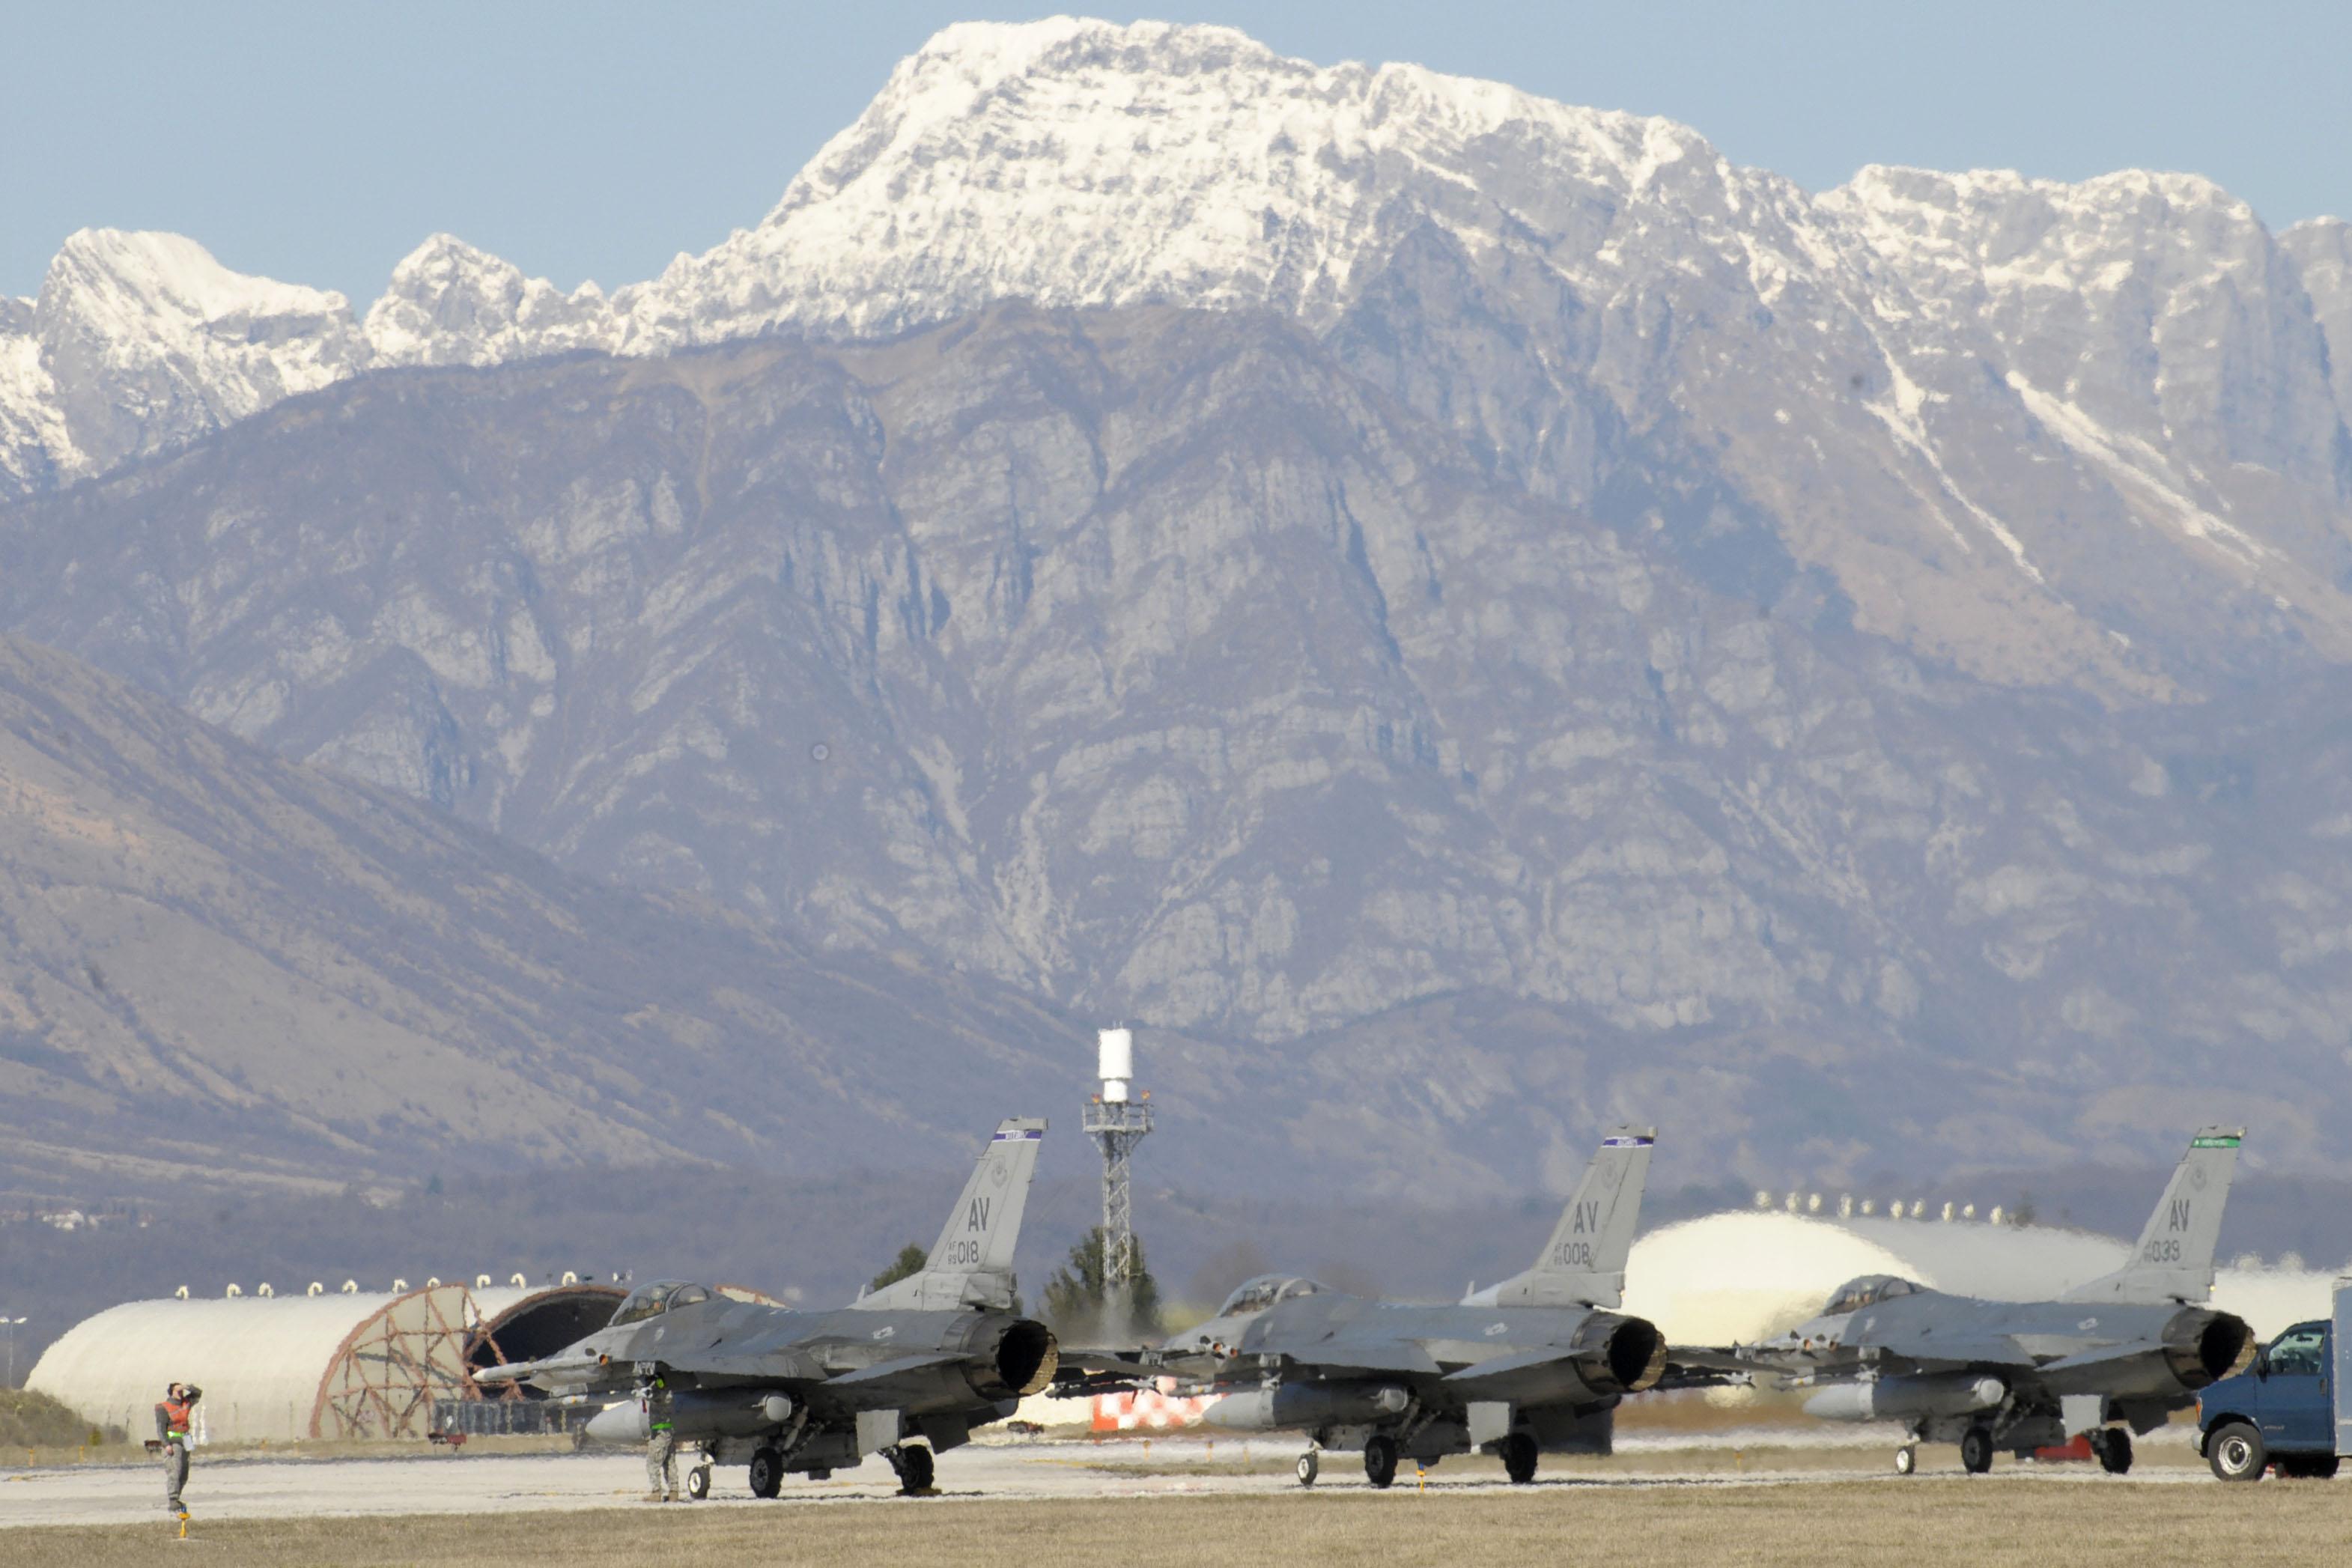 Αδειάζουν το Ιντσιρλίκ οι Αμερικανοί; – Ιταλικό ΜΜΕ: «Οι ΗΠΑ θα μεταφέρουν 50 πυρηνικές βόμβες στη βάση Aviano από την Τουρκία»